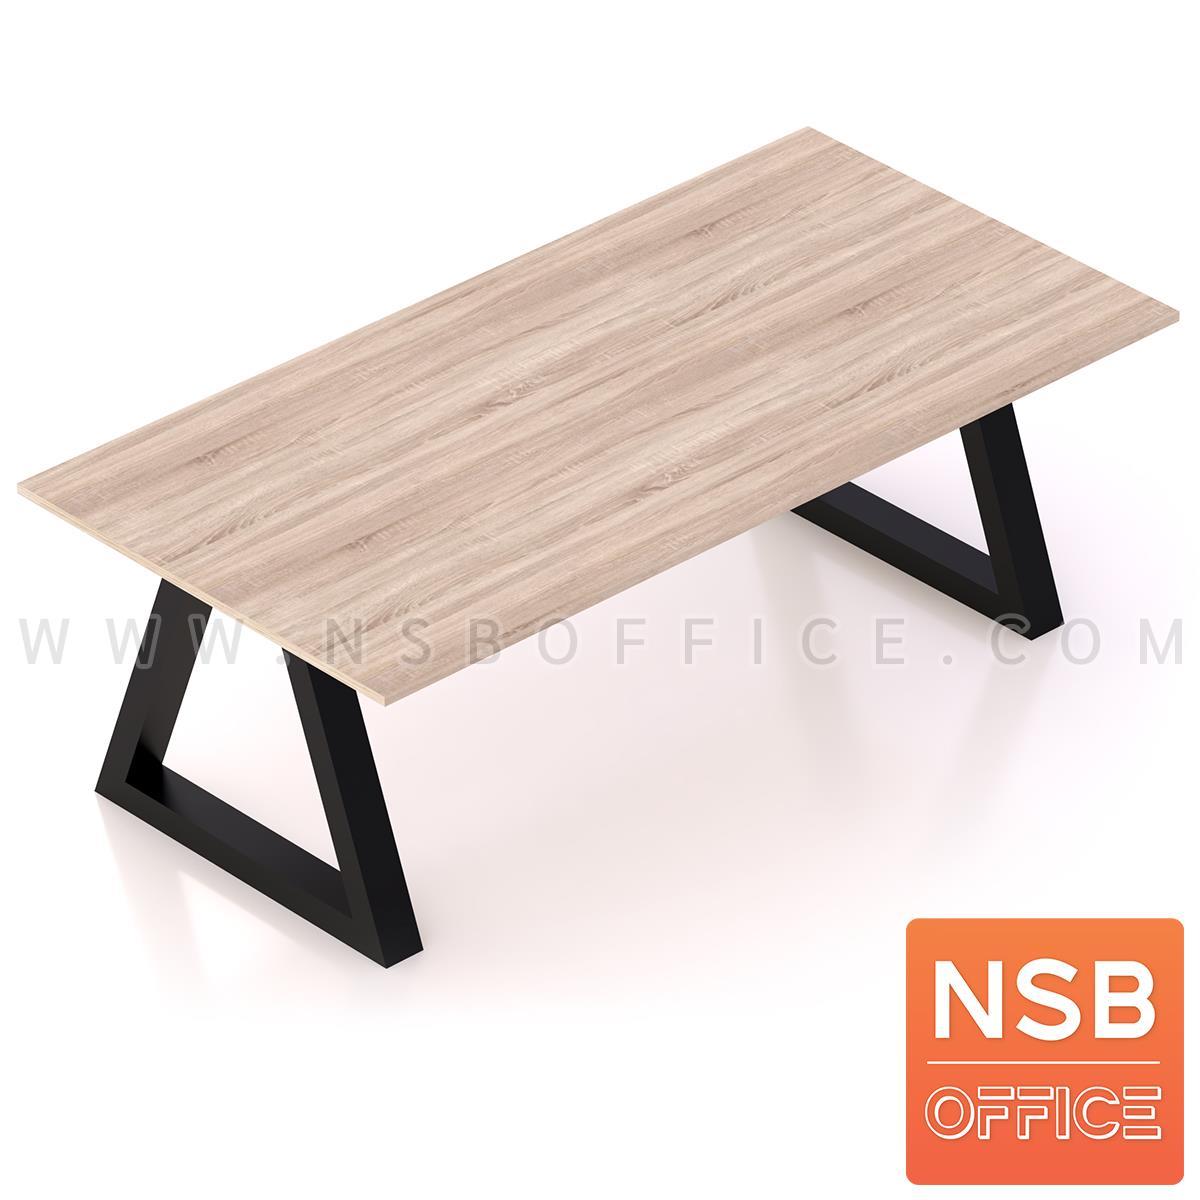 A05A188:โต๊ะประชุมทรงสี่เหลี่ยม รุ่น  Harington (แฮริงตัน) ขนาด 240W cm. ขาทรงสามเหลี่ยม